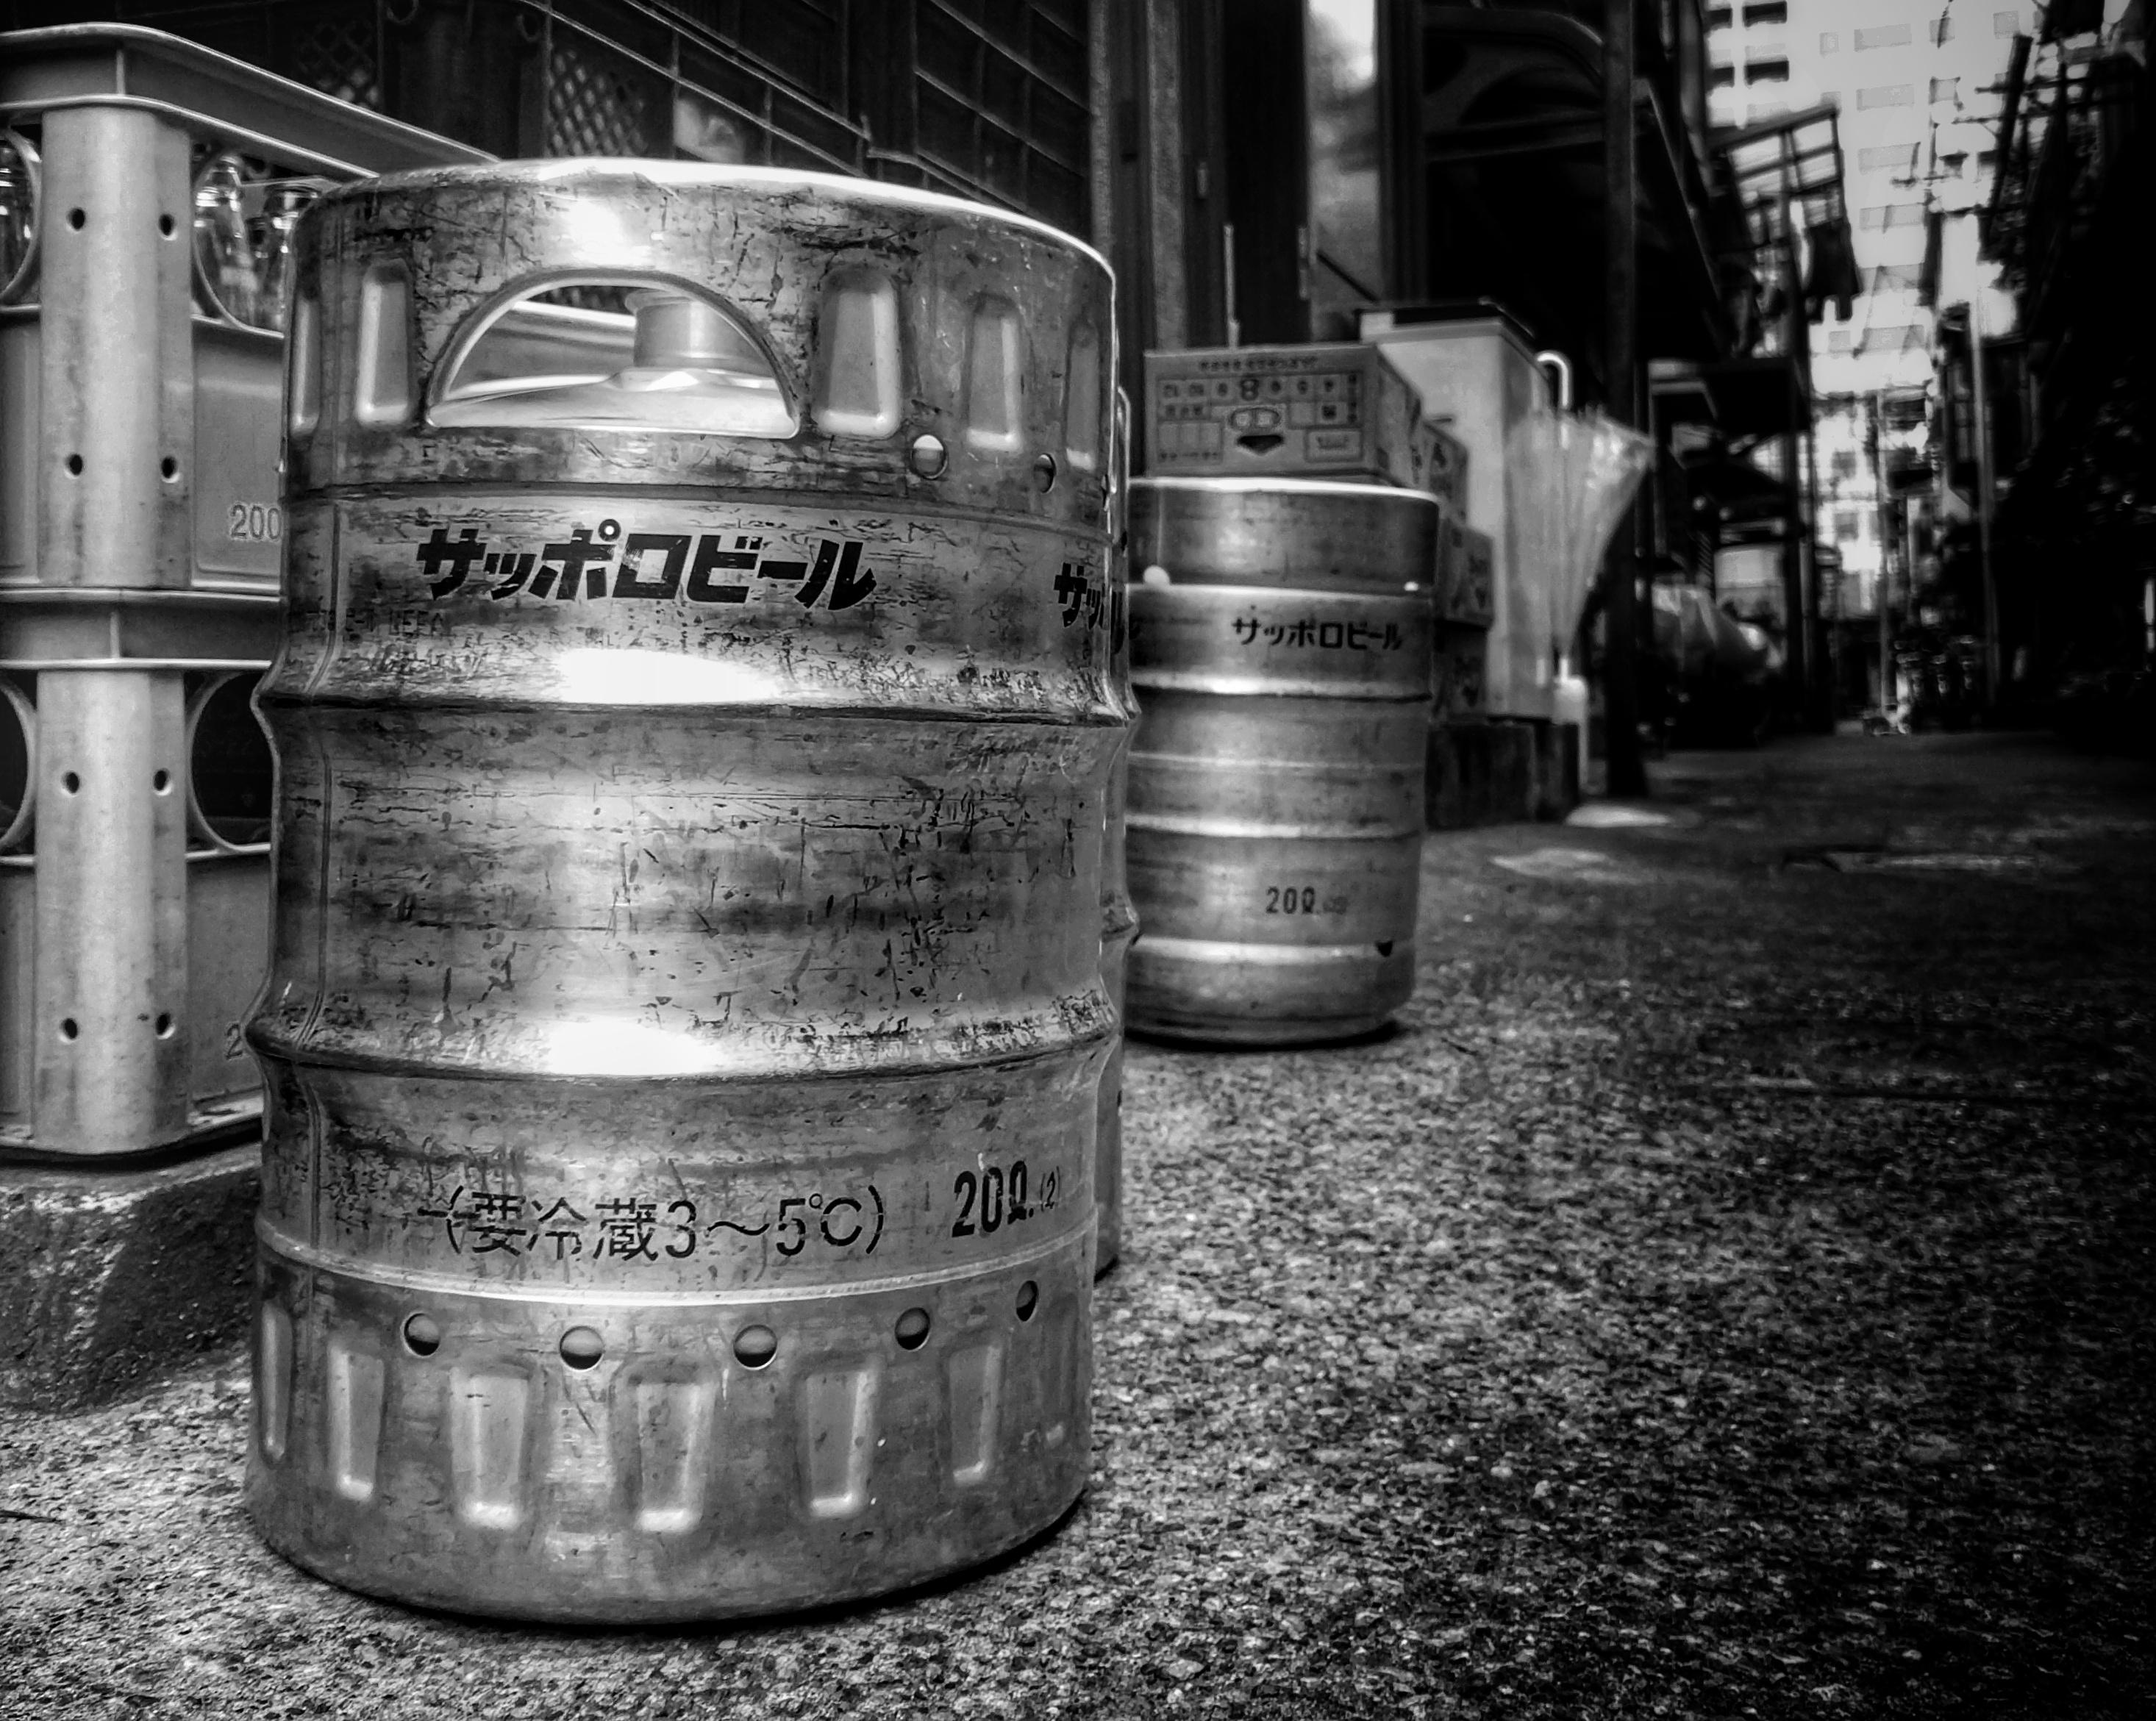 Sapporo Beer Kegs